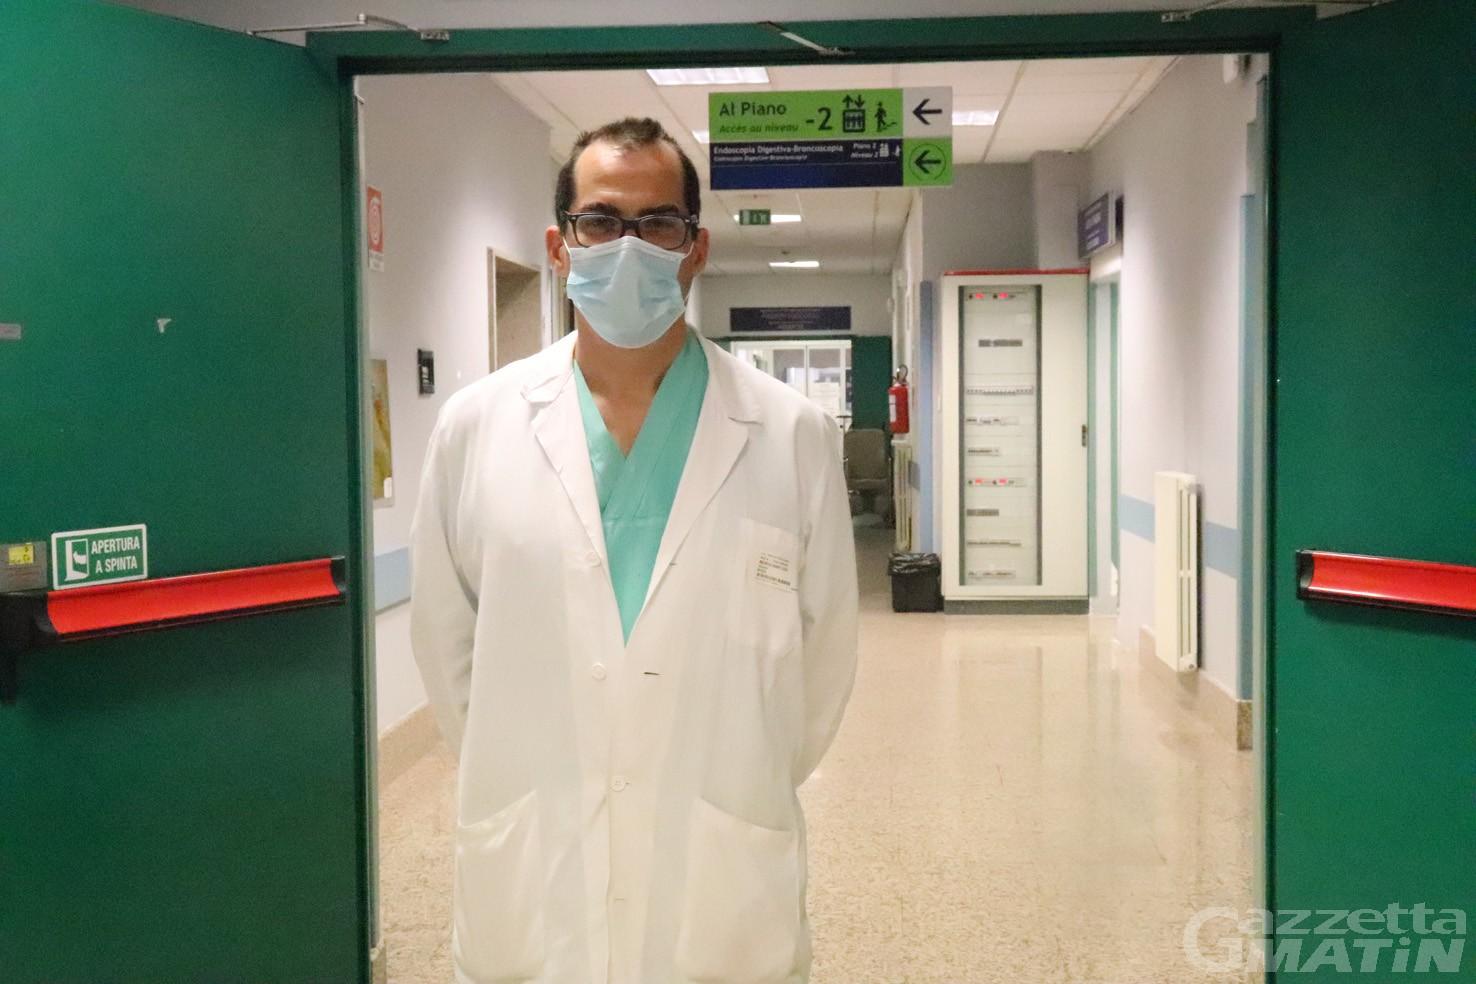 Emergenza Covid, Montagnani: situazione di allarme, malati nelle stesse condizioni di marzo